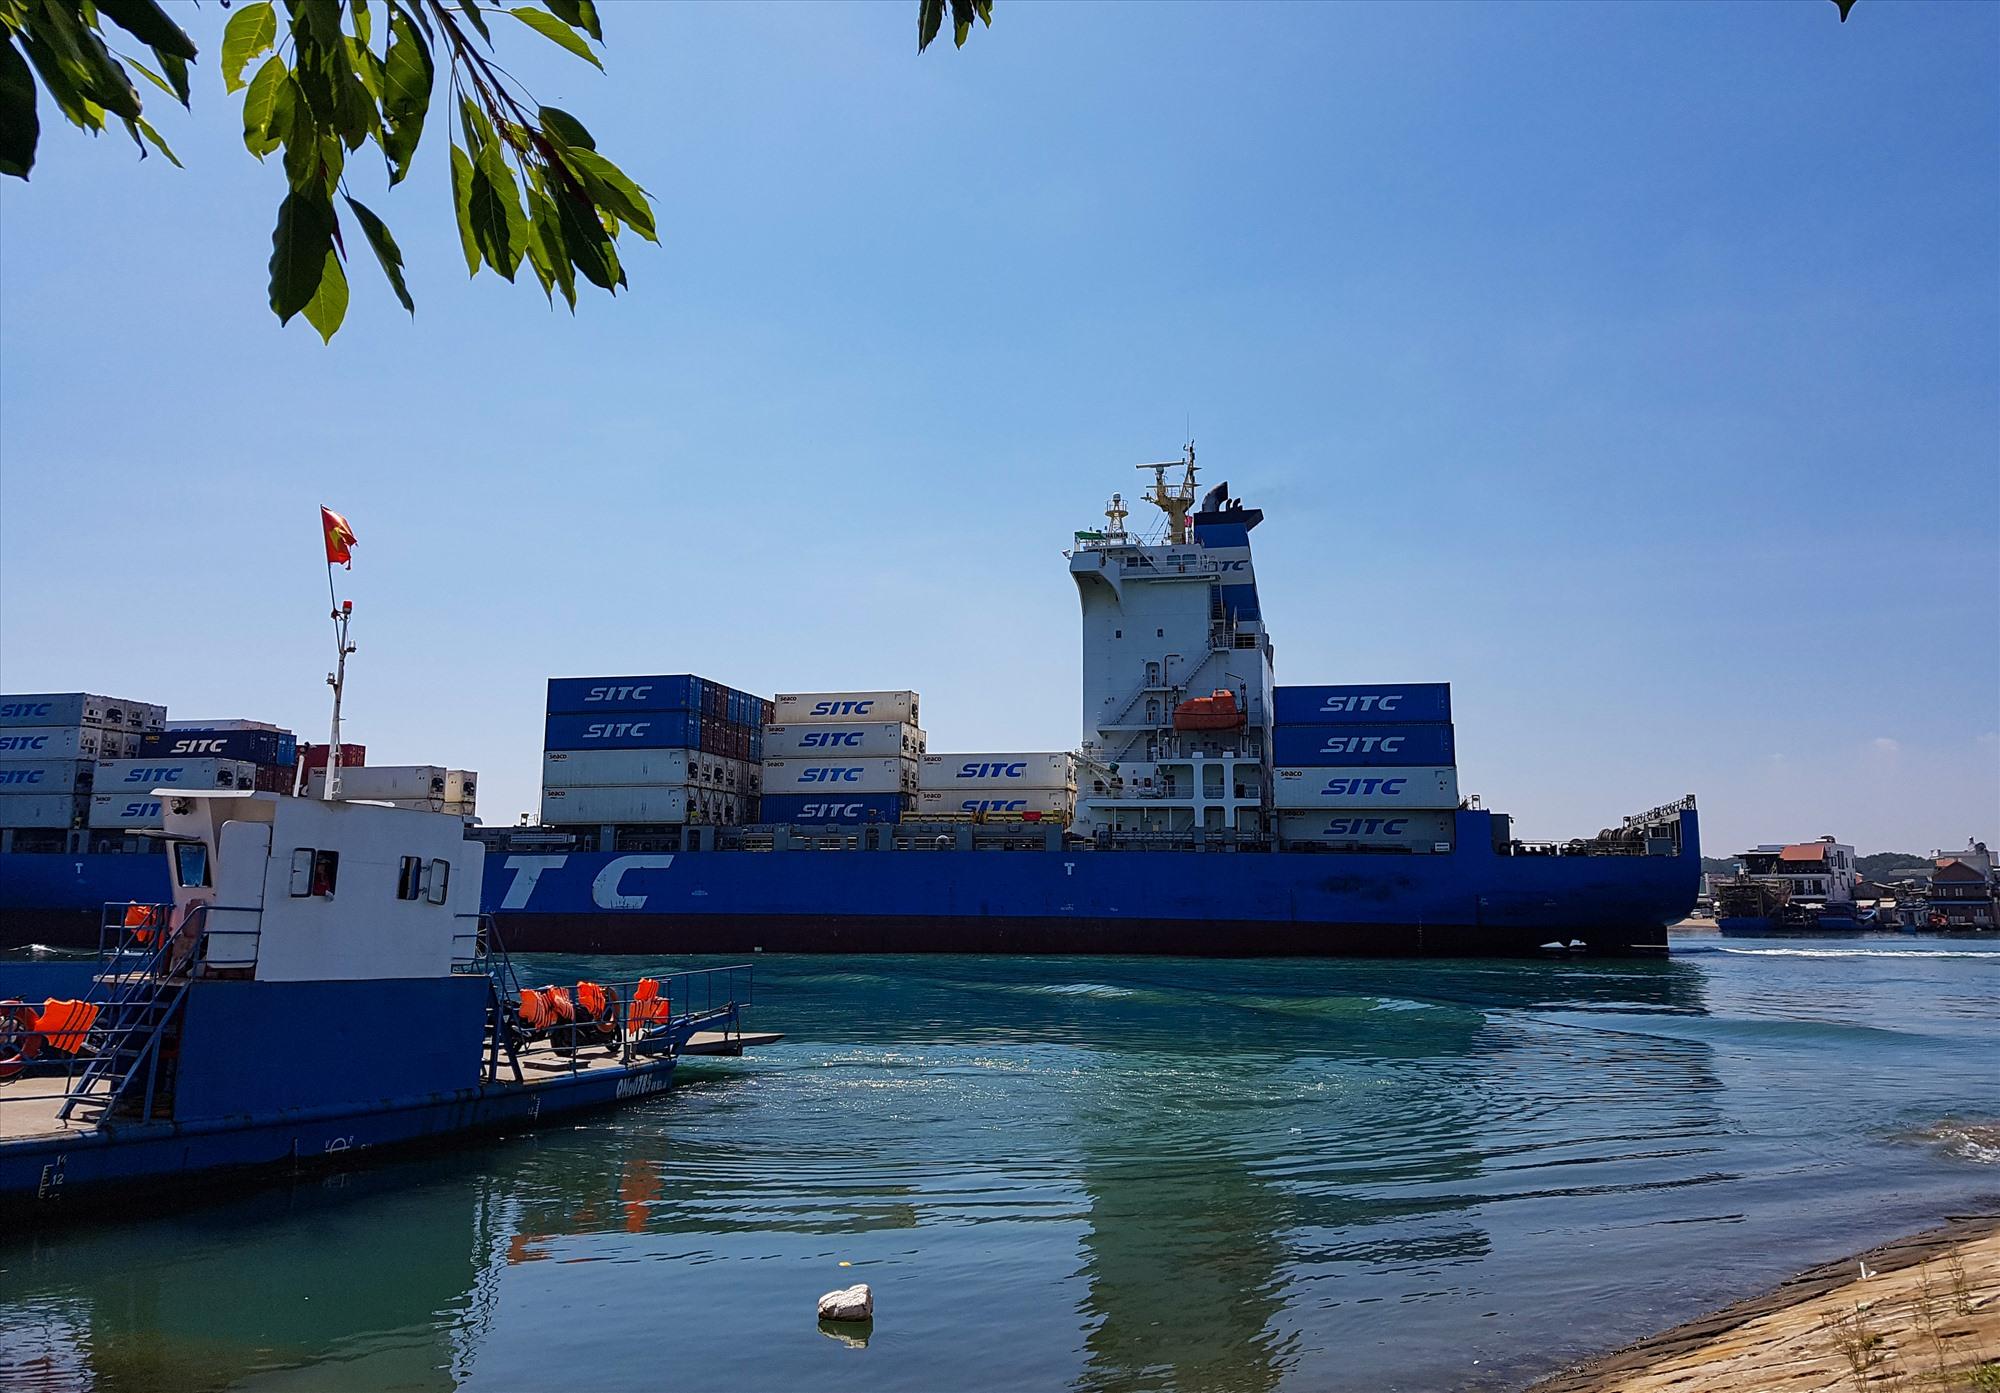 Mỗi ngày, có hàng chục chuyến tàu tải trọng lớn đi qua khu vực phà Tam Hải, theo chính quyền địa phương, phương án xây cầu là bất khả thi. Ảnh: T.C